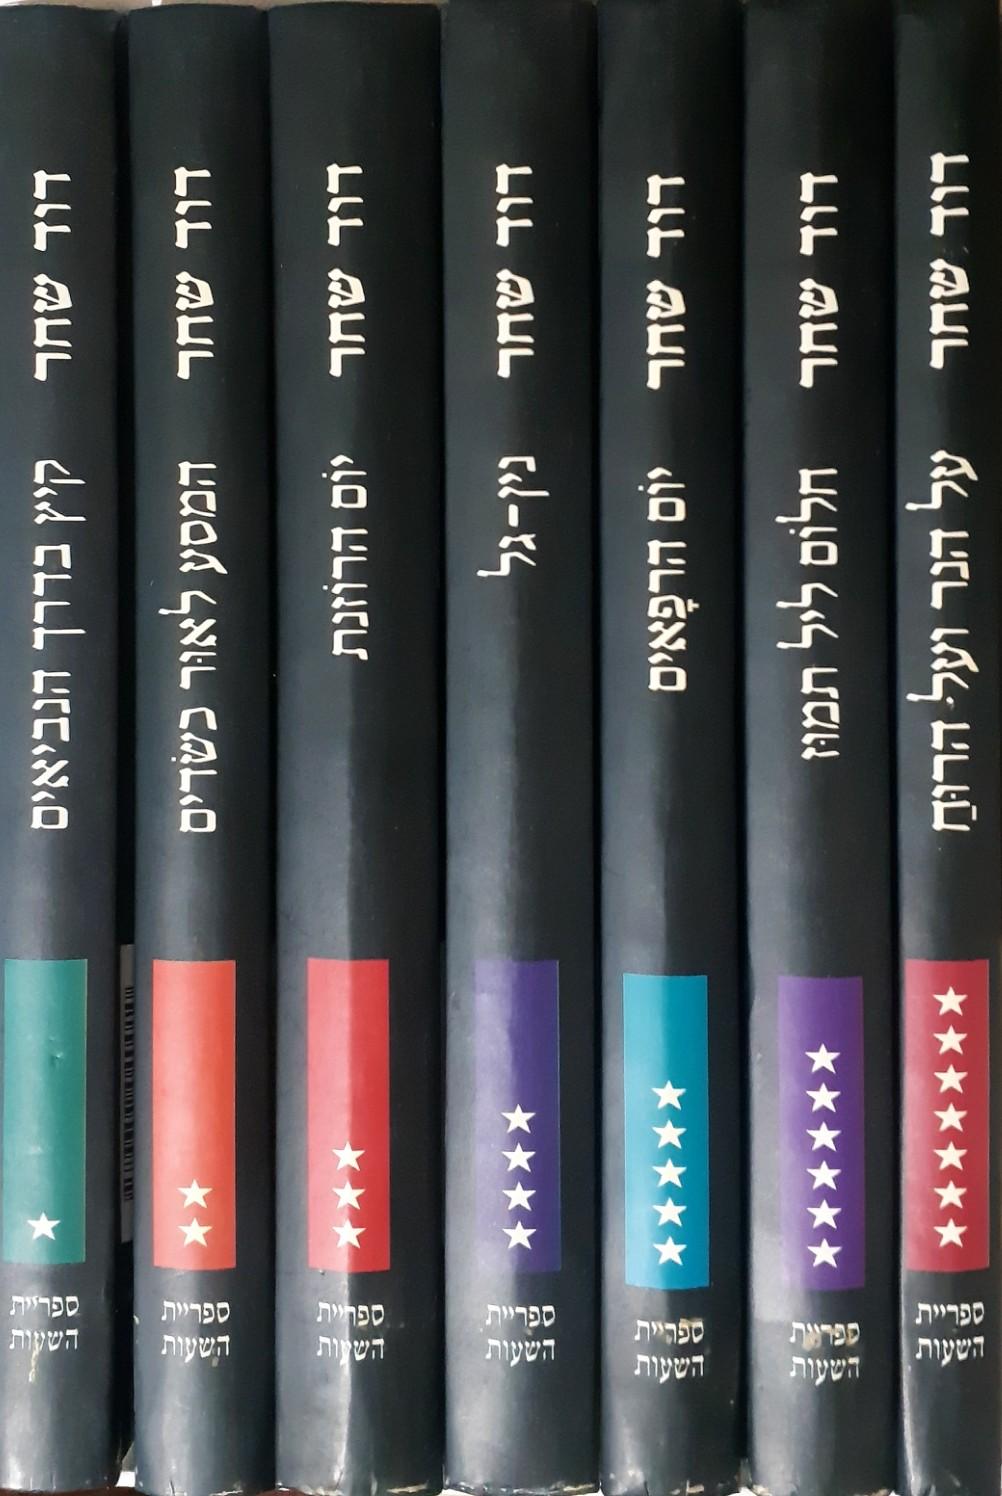 היכל הכלים השבורים - שבעה שערים (7 כרכים) - דוד שחר